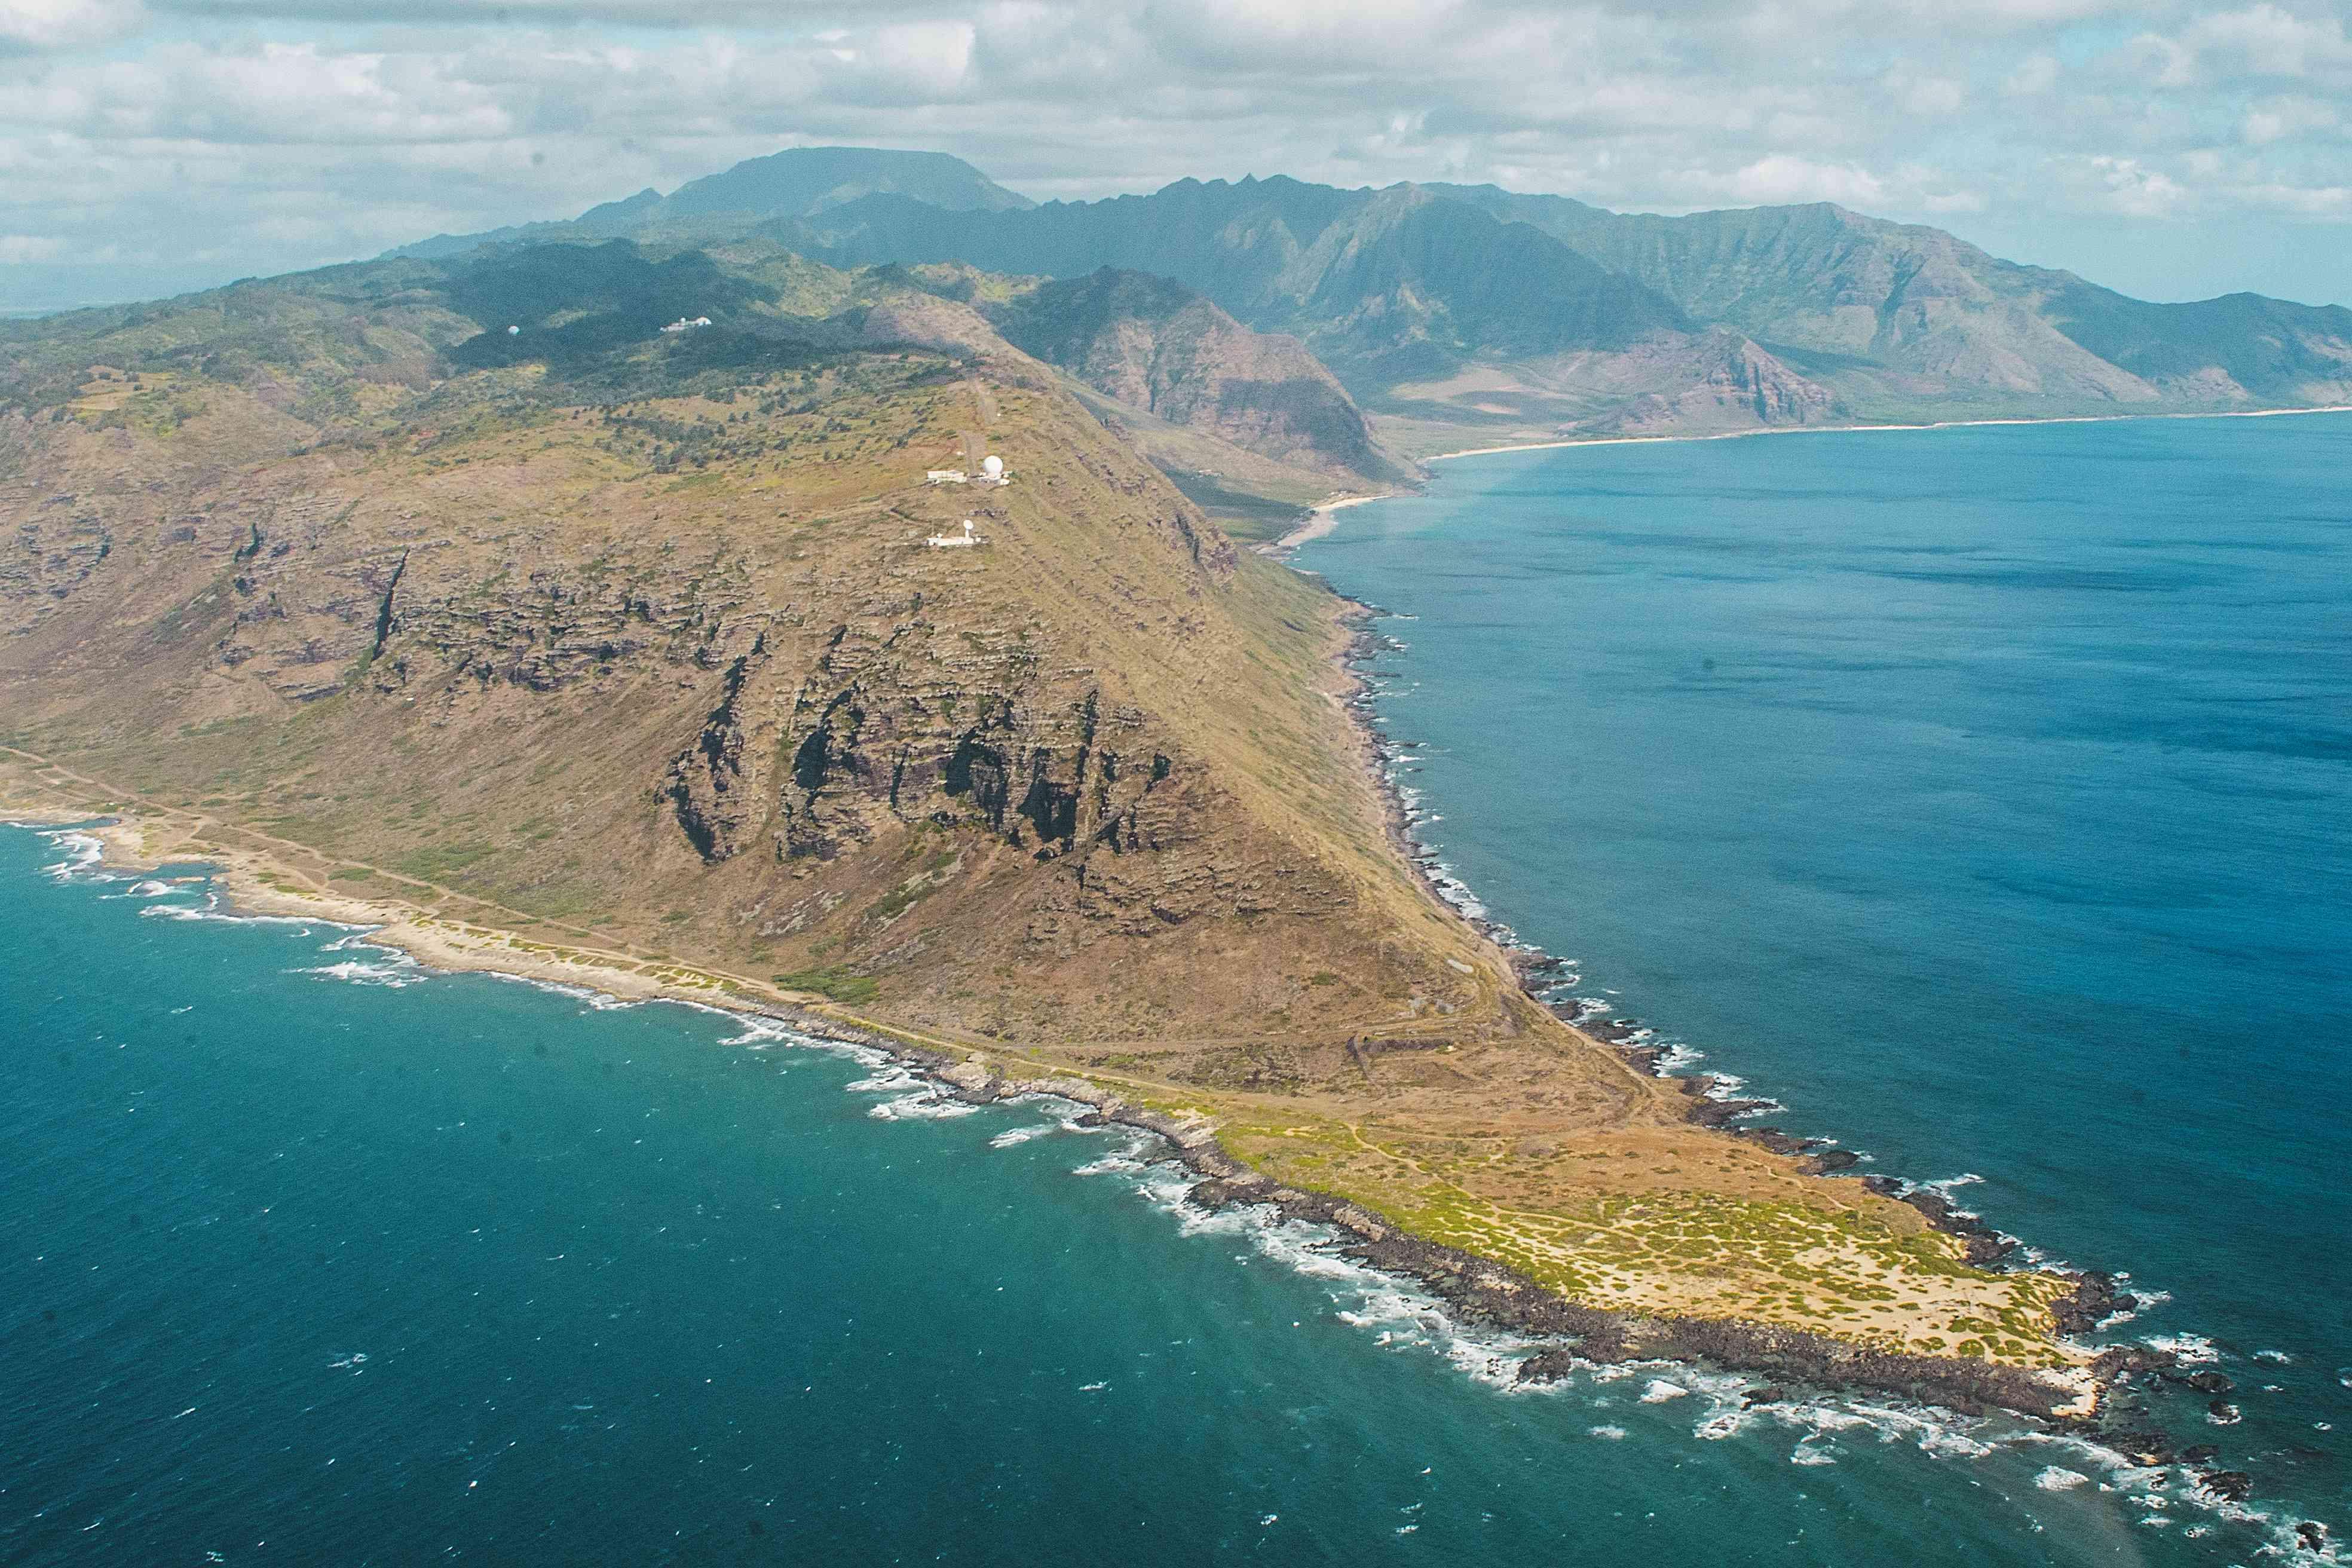 Aerial View of Leeward Coast